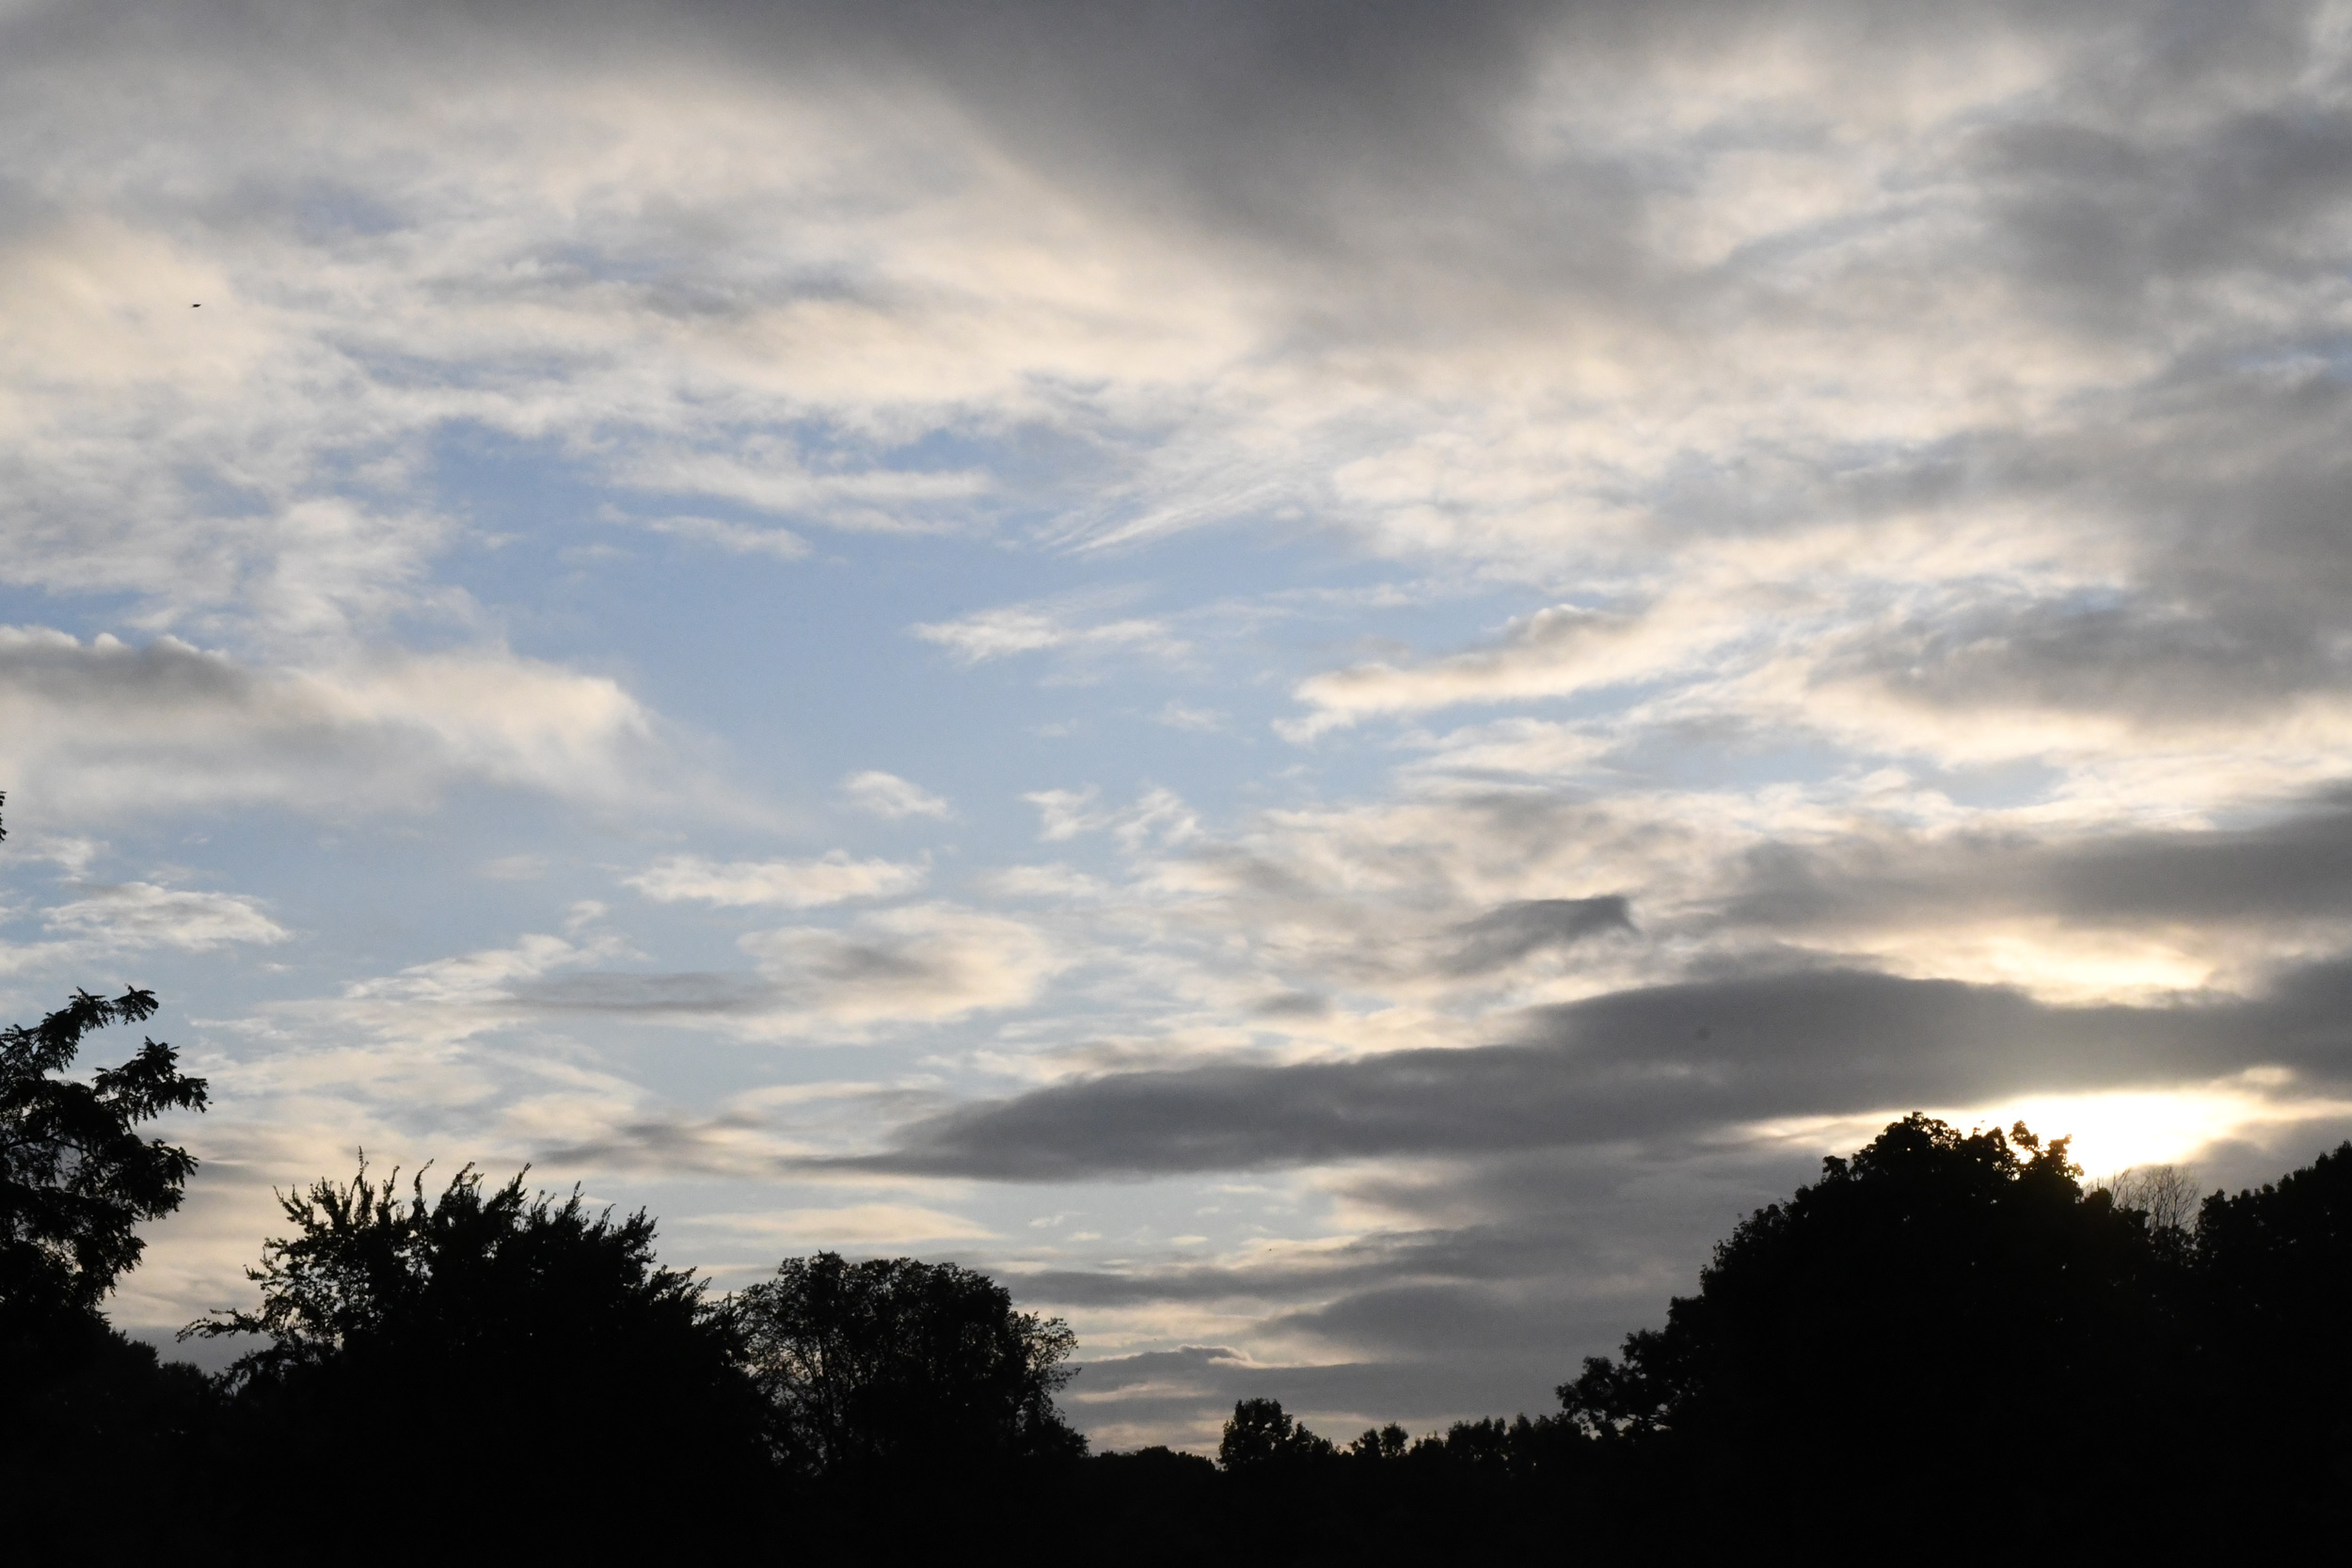 Morning sky, Prospect Park